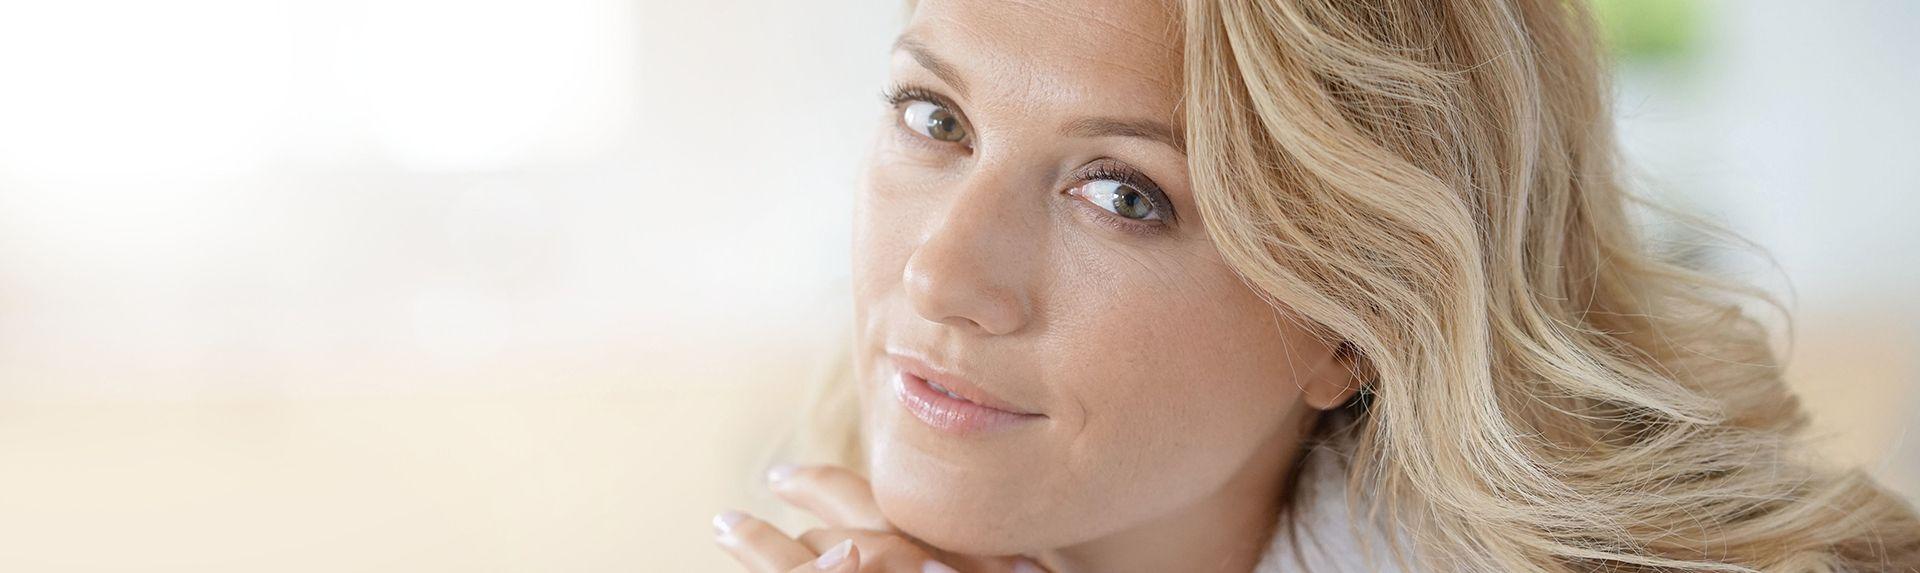 Остеопороз и стоматологические риски в период менопаузы